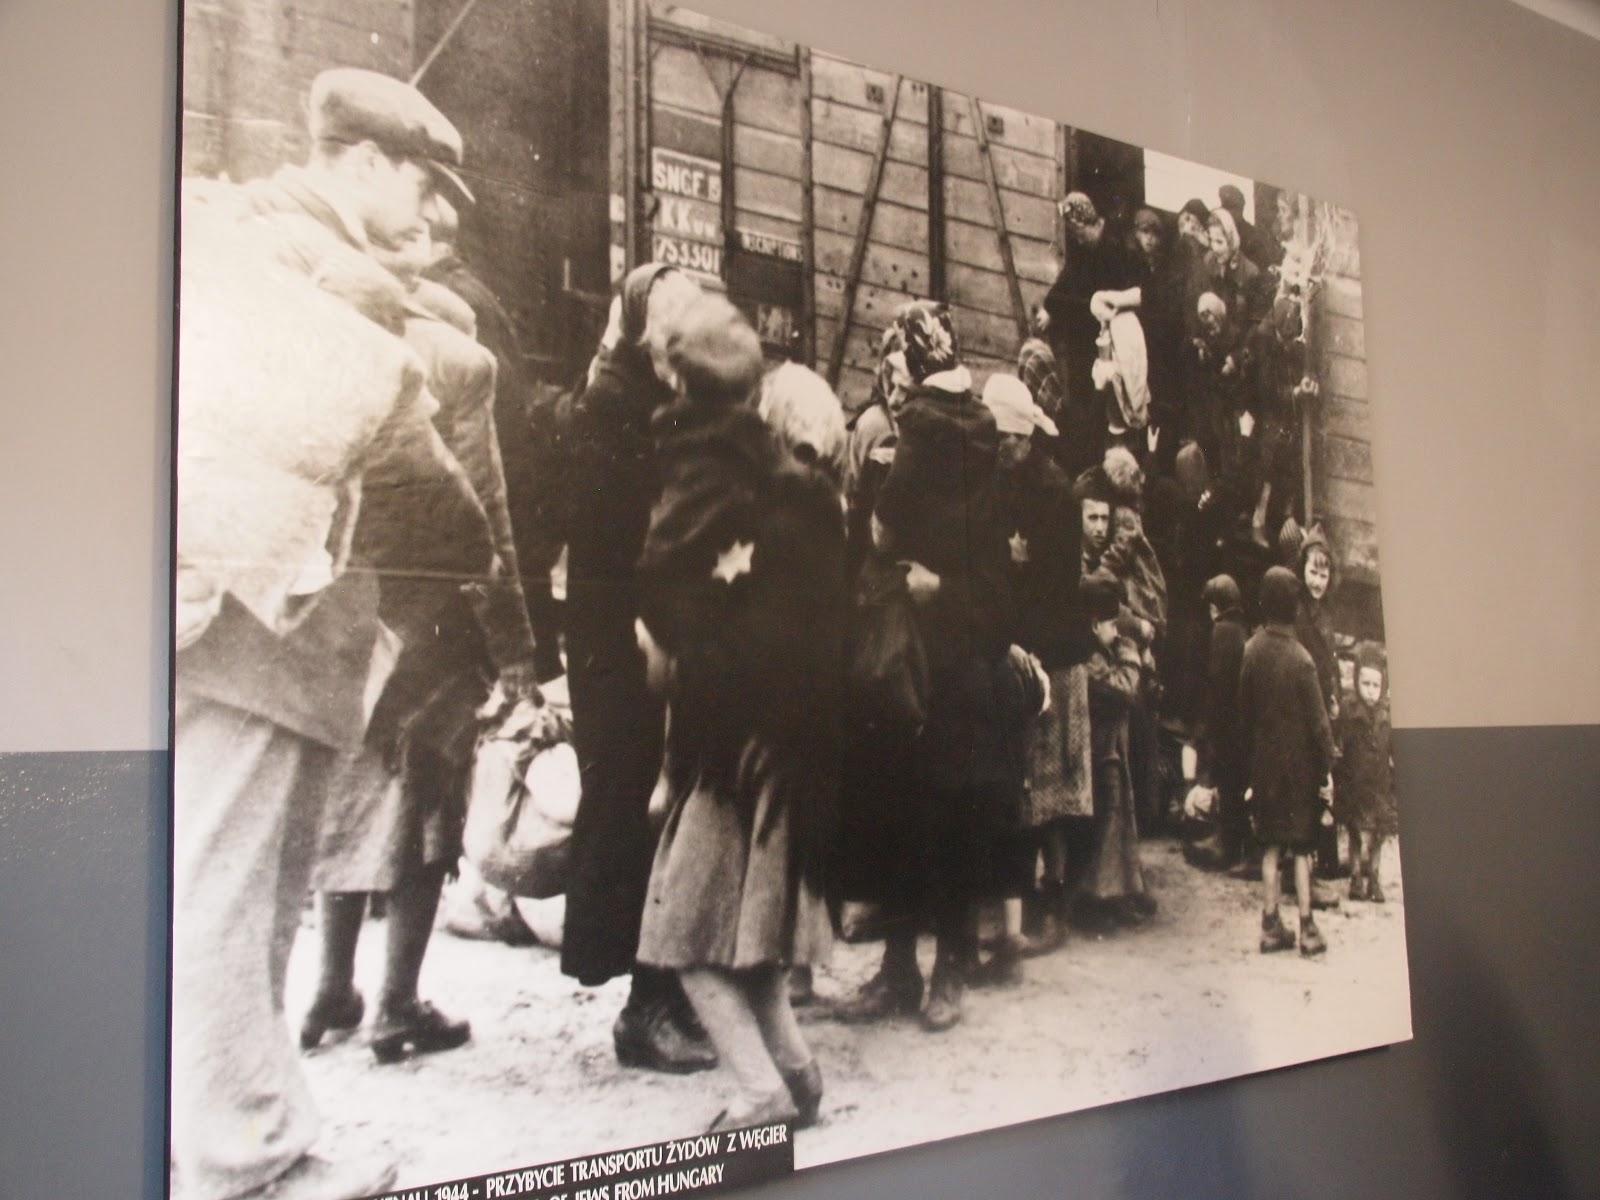 アウシュヴィッツ強制収容所の画像 p1_19